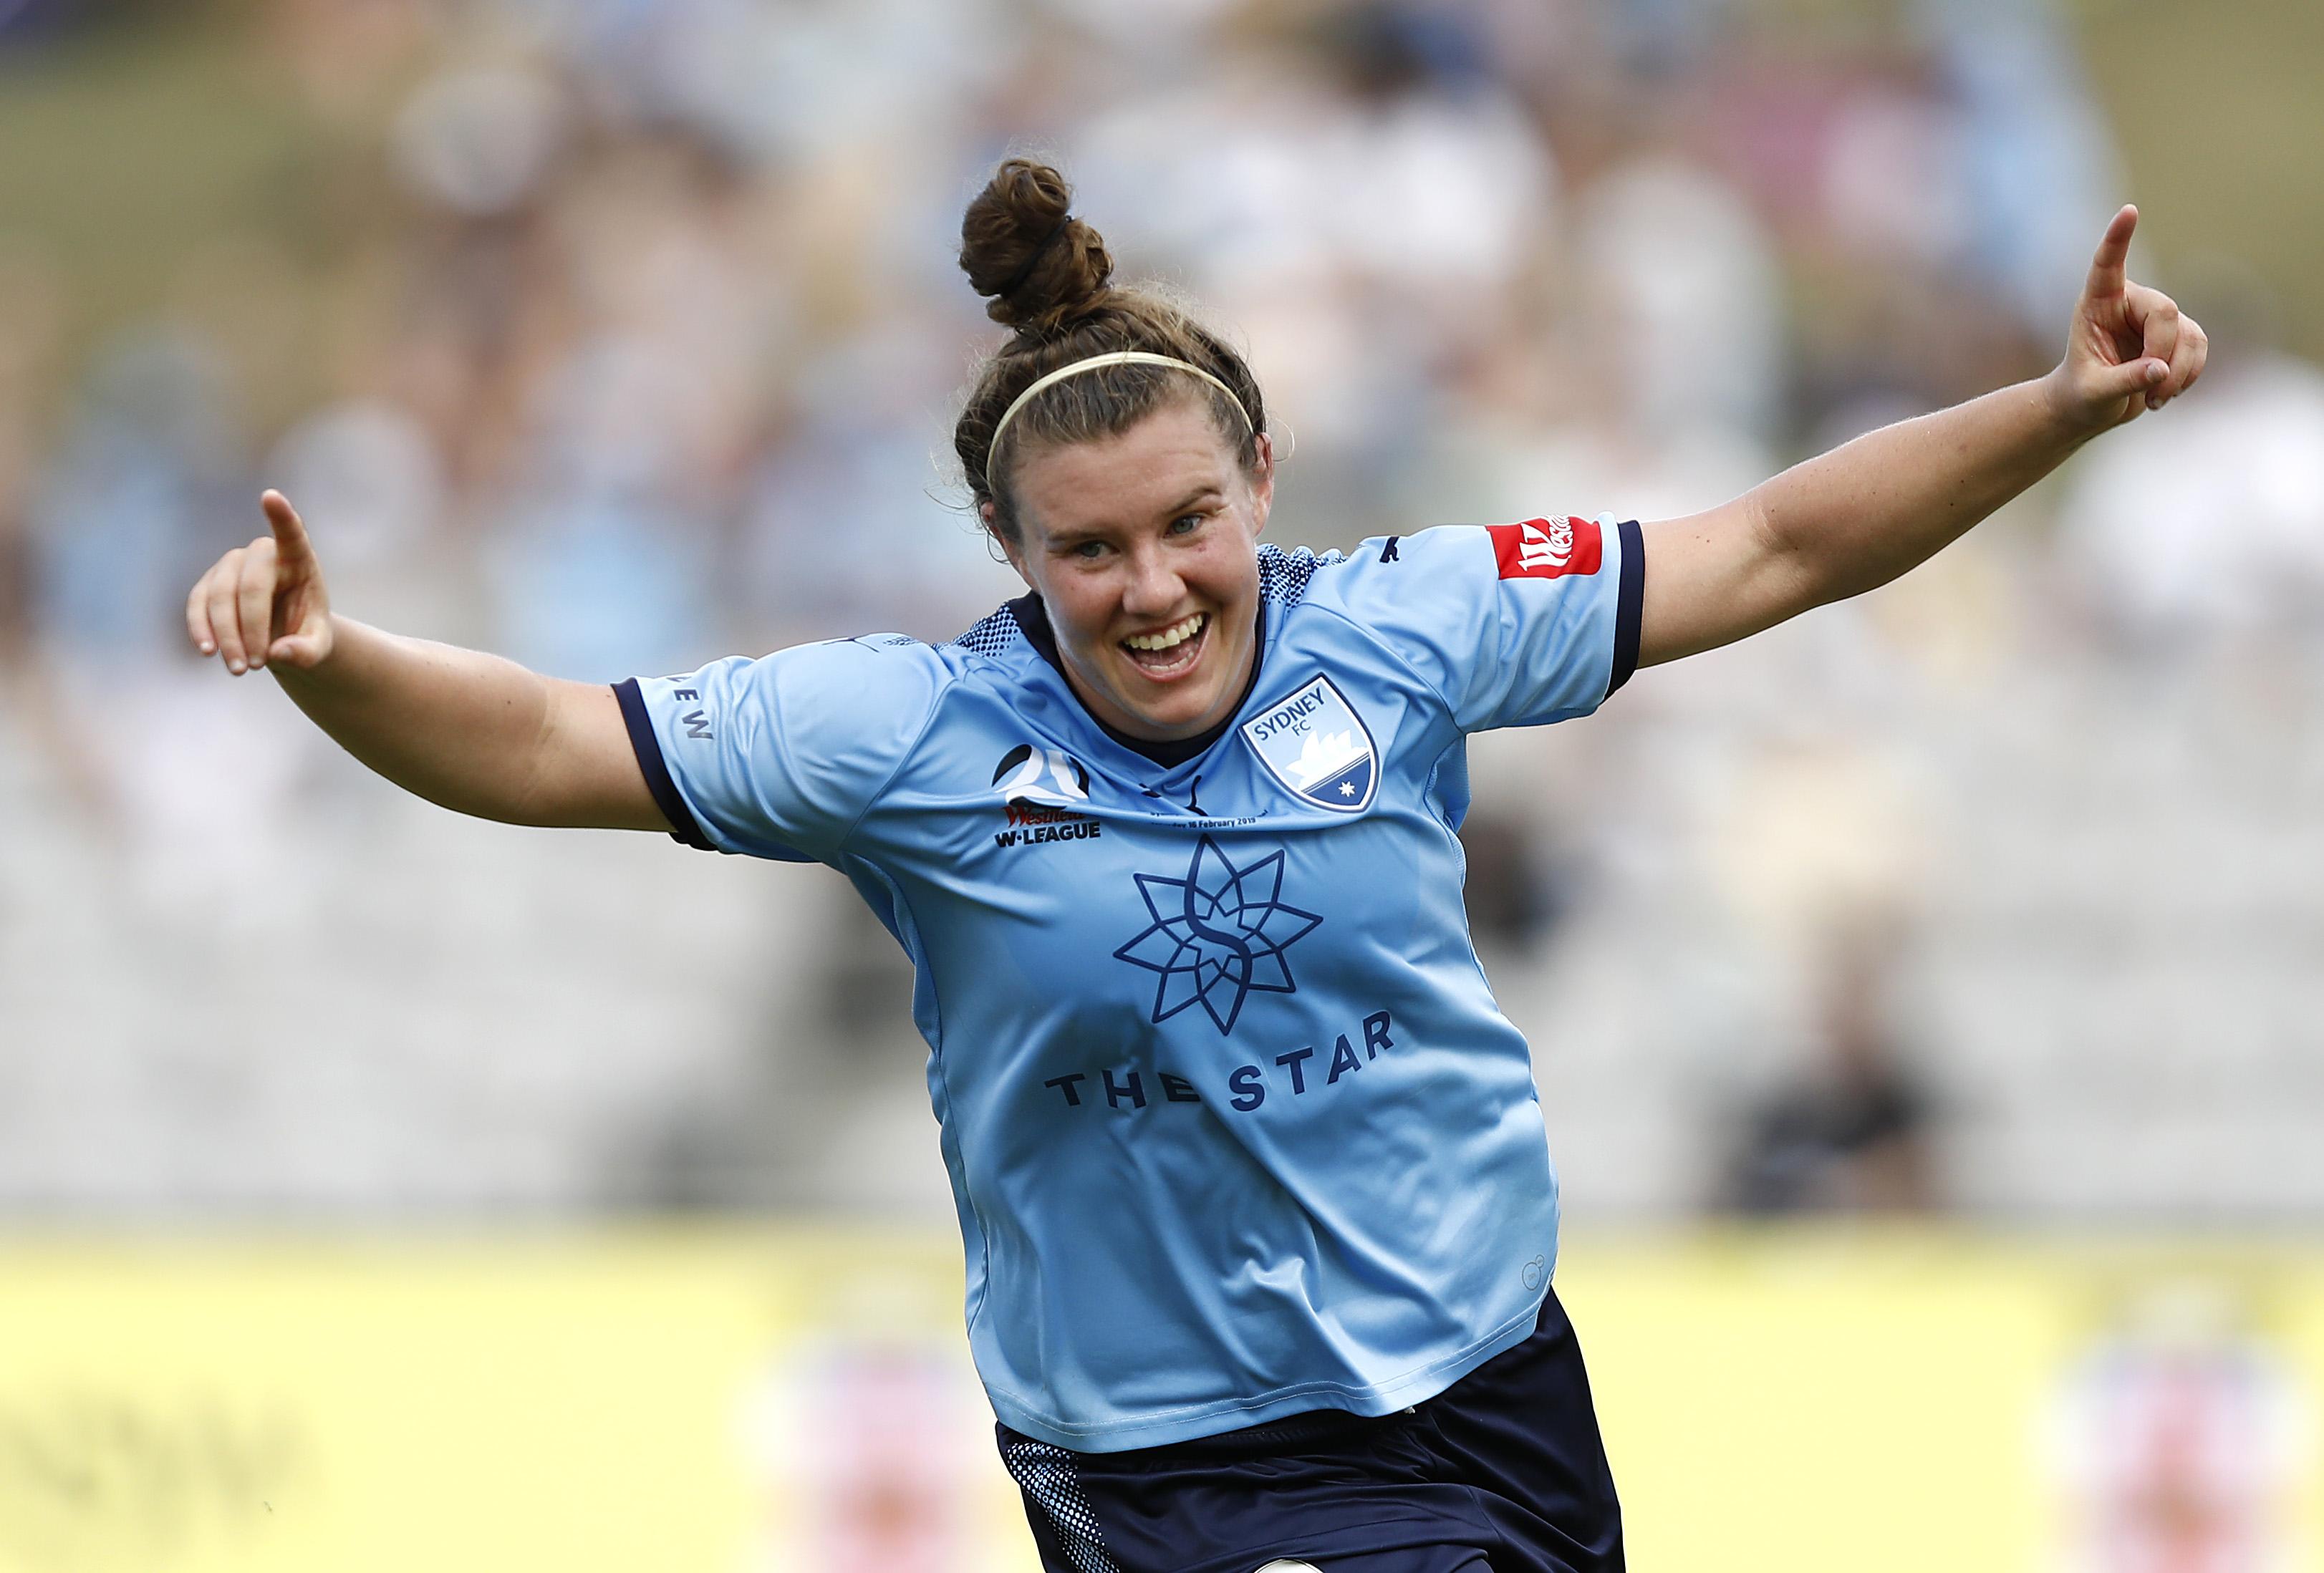 W-League Grand Final - Sydney v Perth